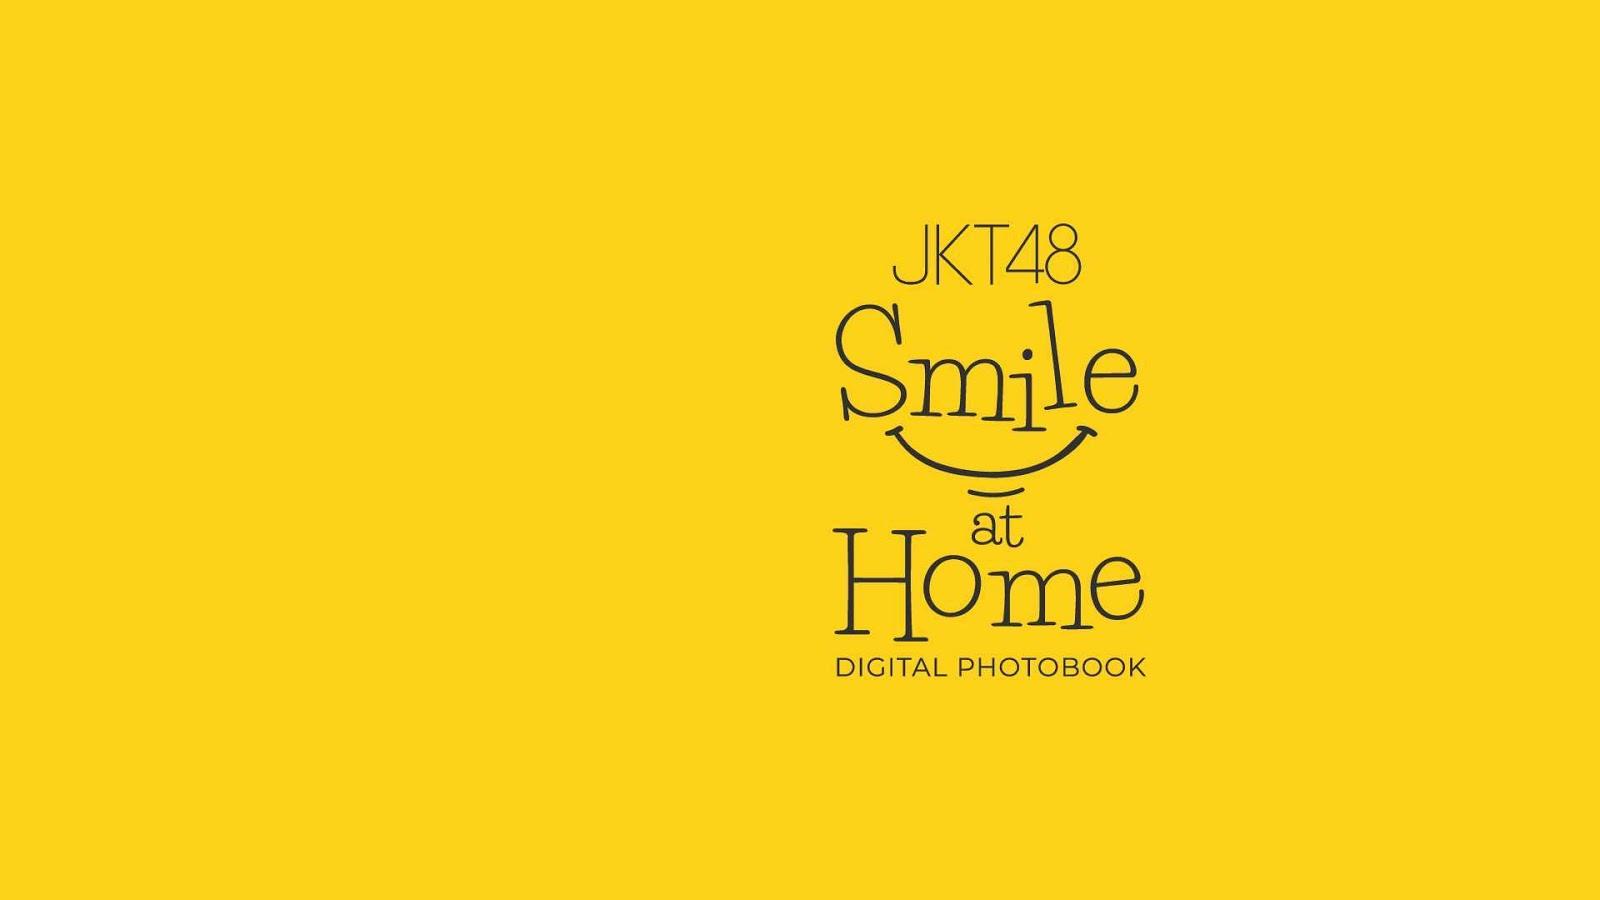 JKT48 Digital Photobook Smile at Home